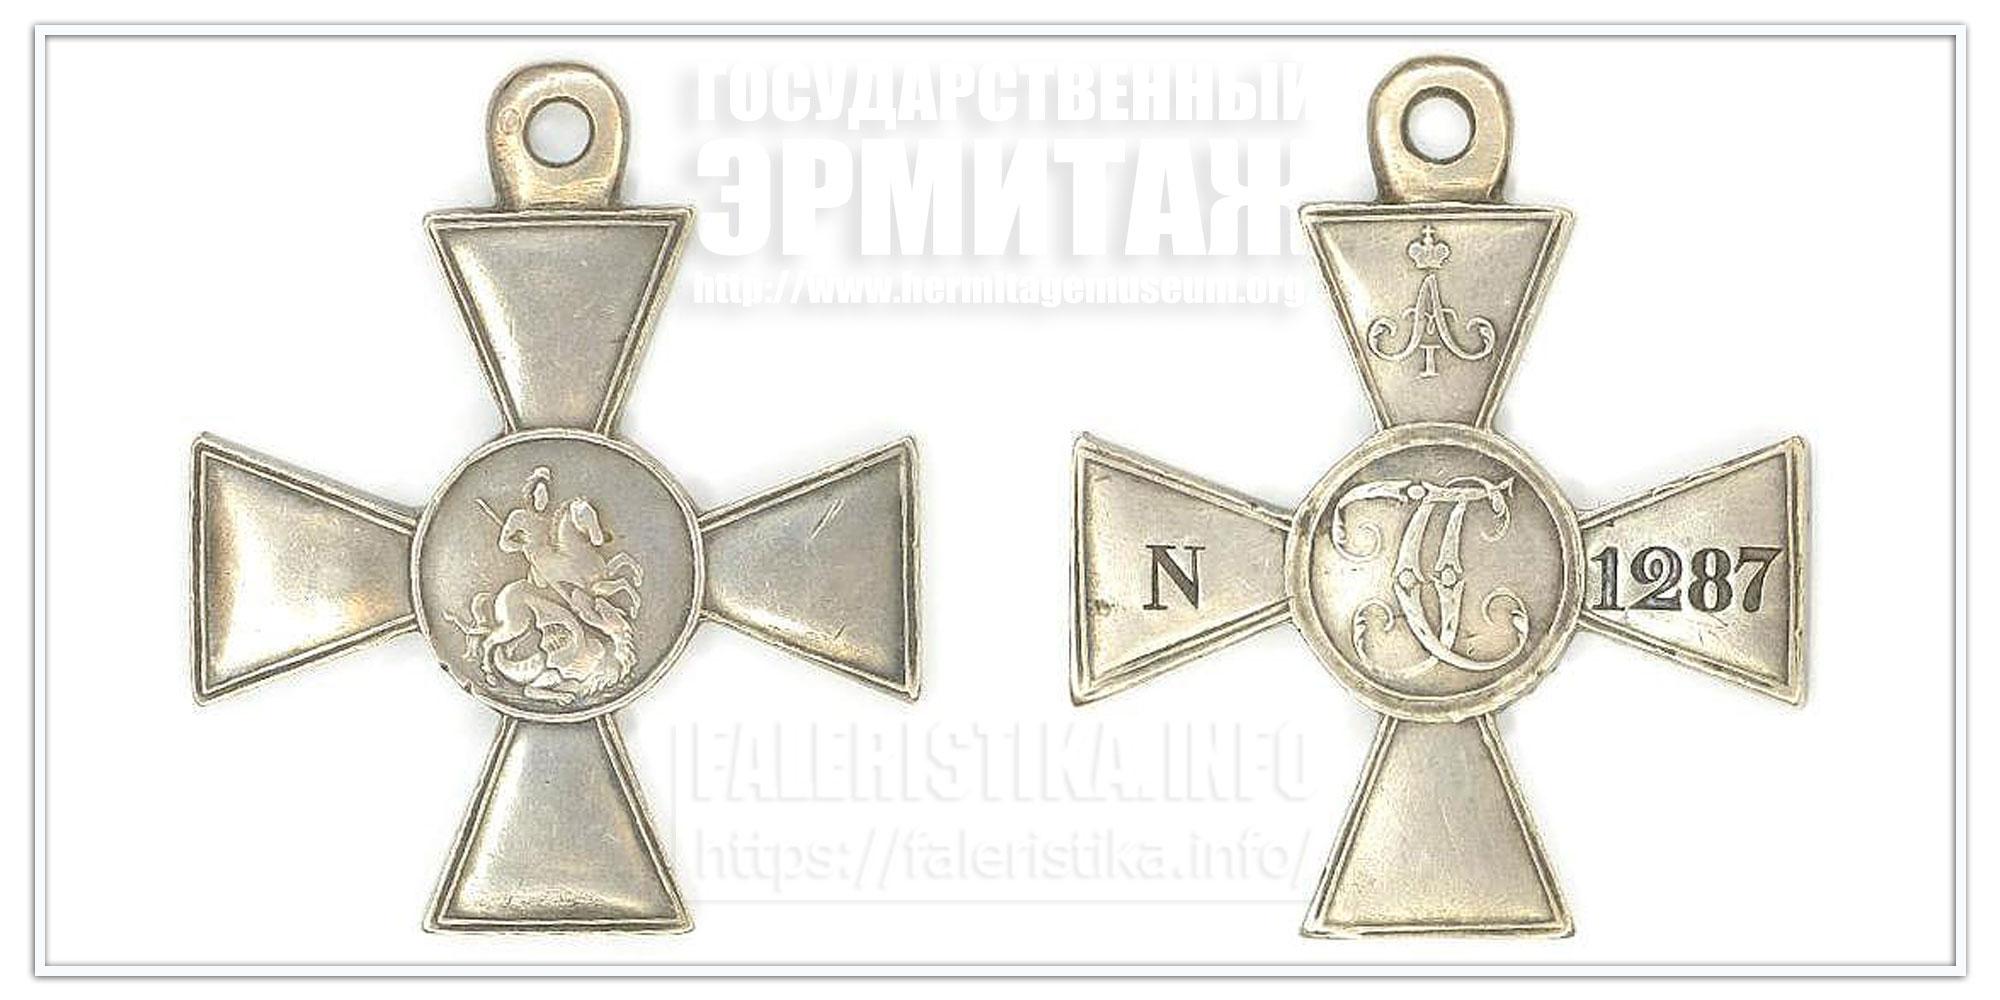 Знак отличия ордена Св. Георгия для ветеранов прусской армии Россия, XIX в.